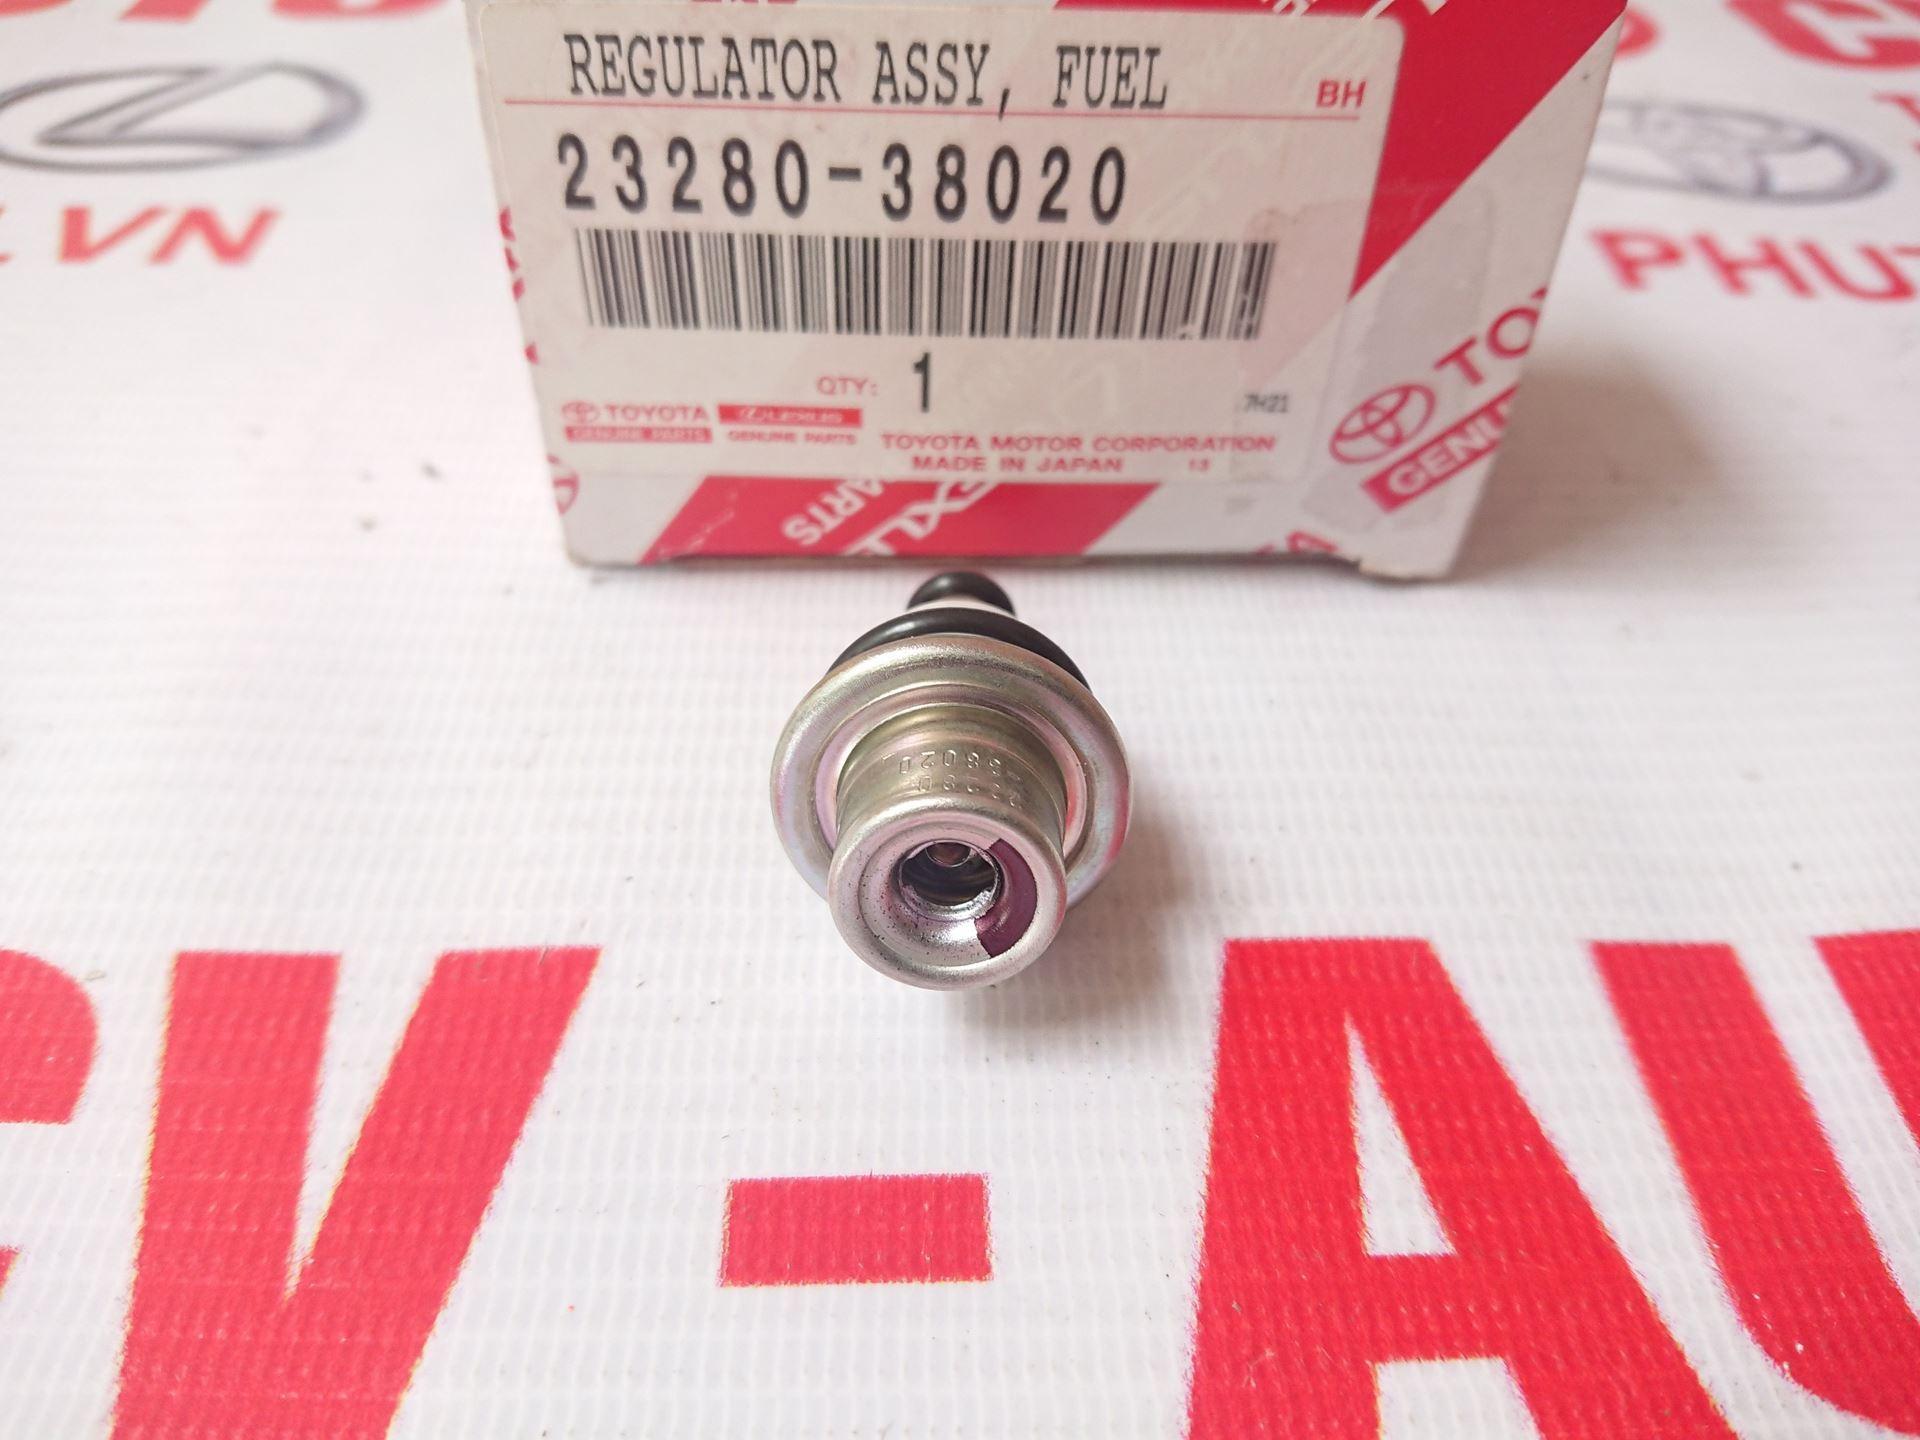 Picture of 23280-38020 Van điều áp xăng Lexus LS460 hàng chính hãng